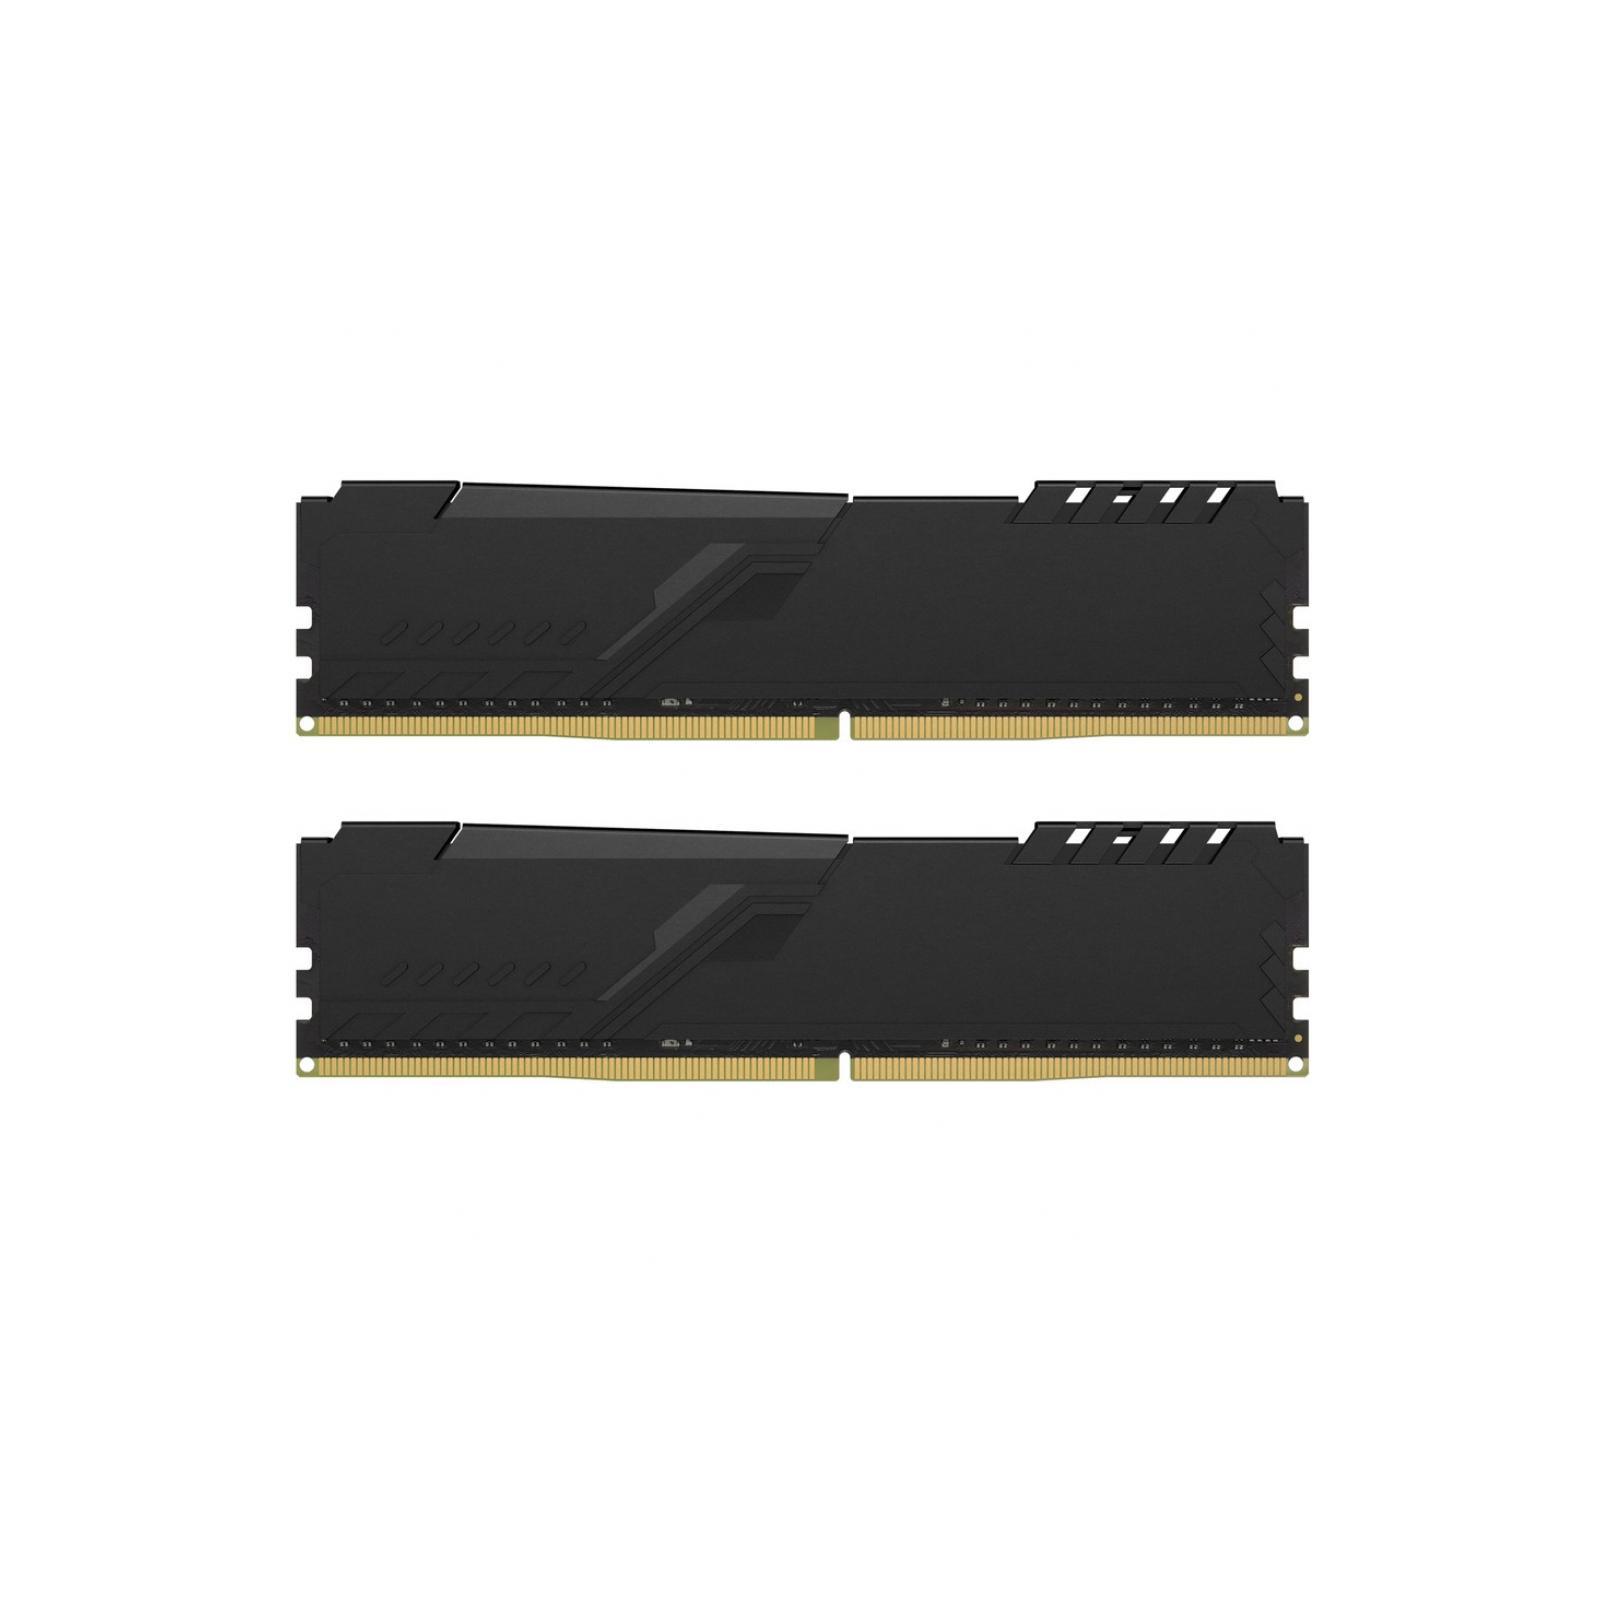 Модуль пам'яті для комп'ютера DDR4 32GB (2x16GB) 2666 MHz Fury Black Kingston (HX426C16FB4K2/32) зображення 3